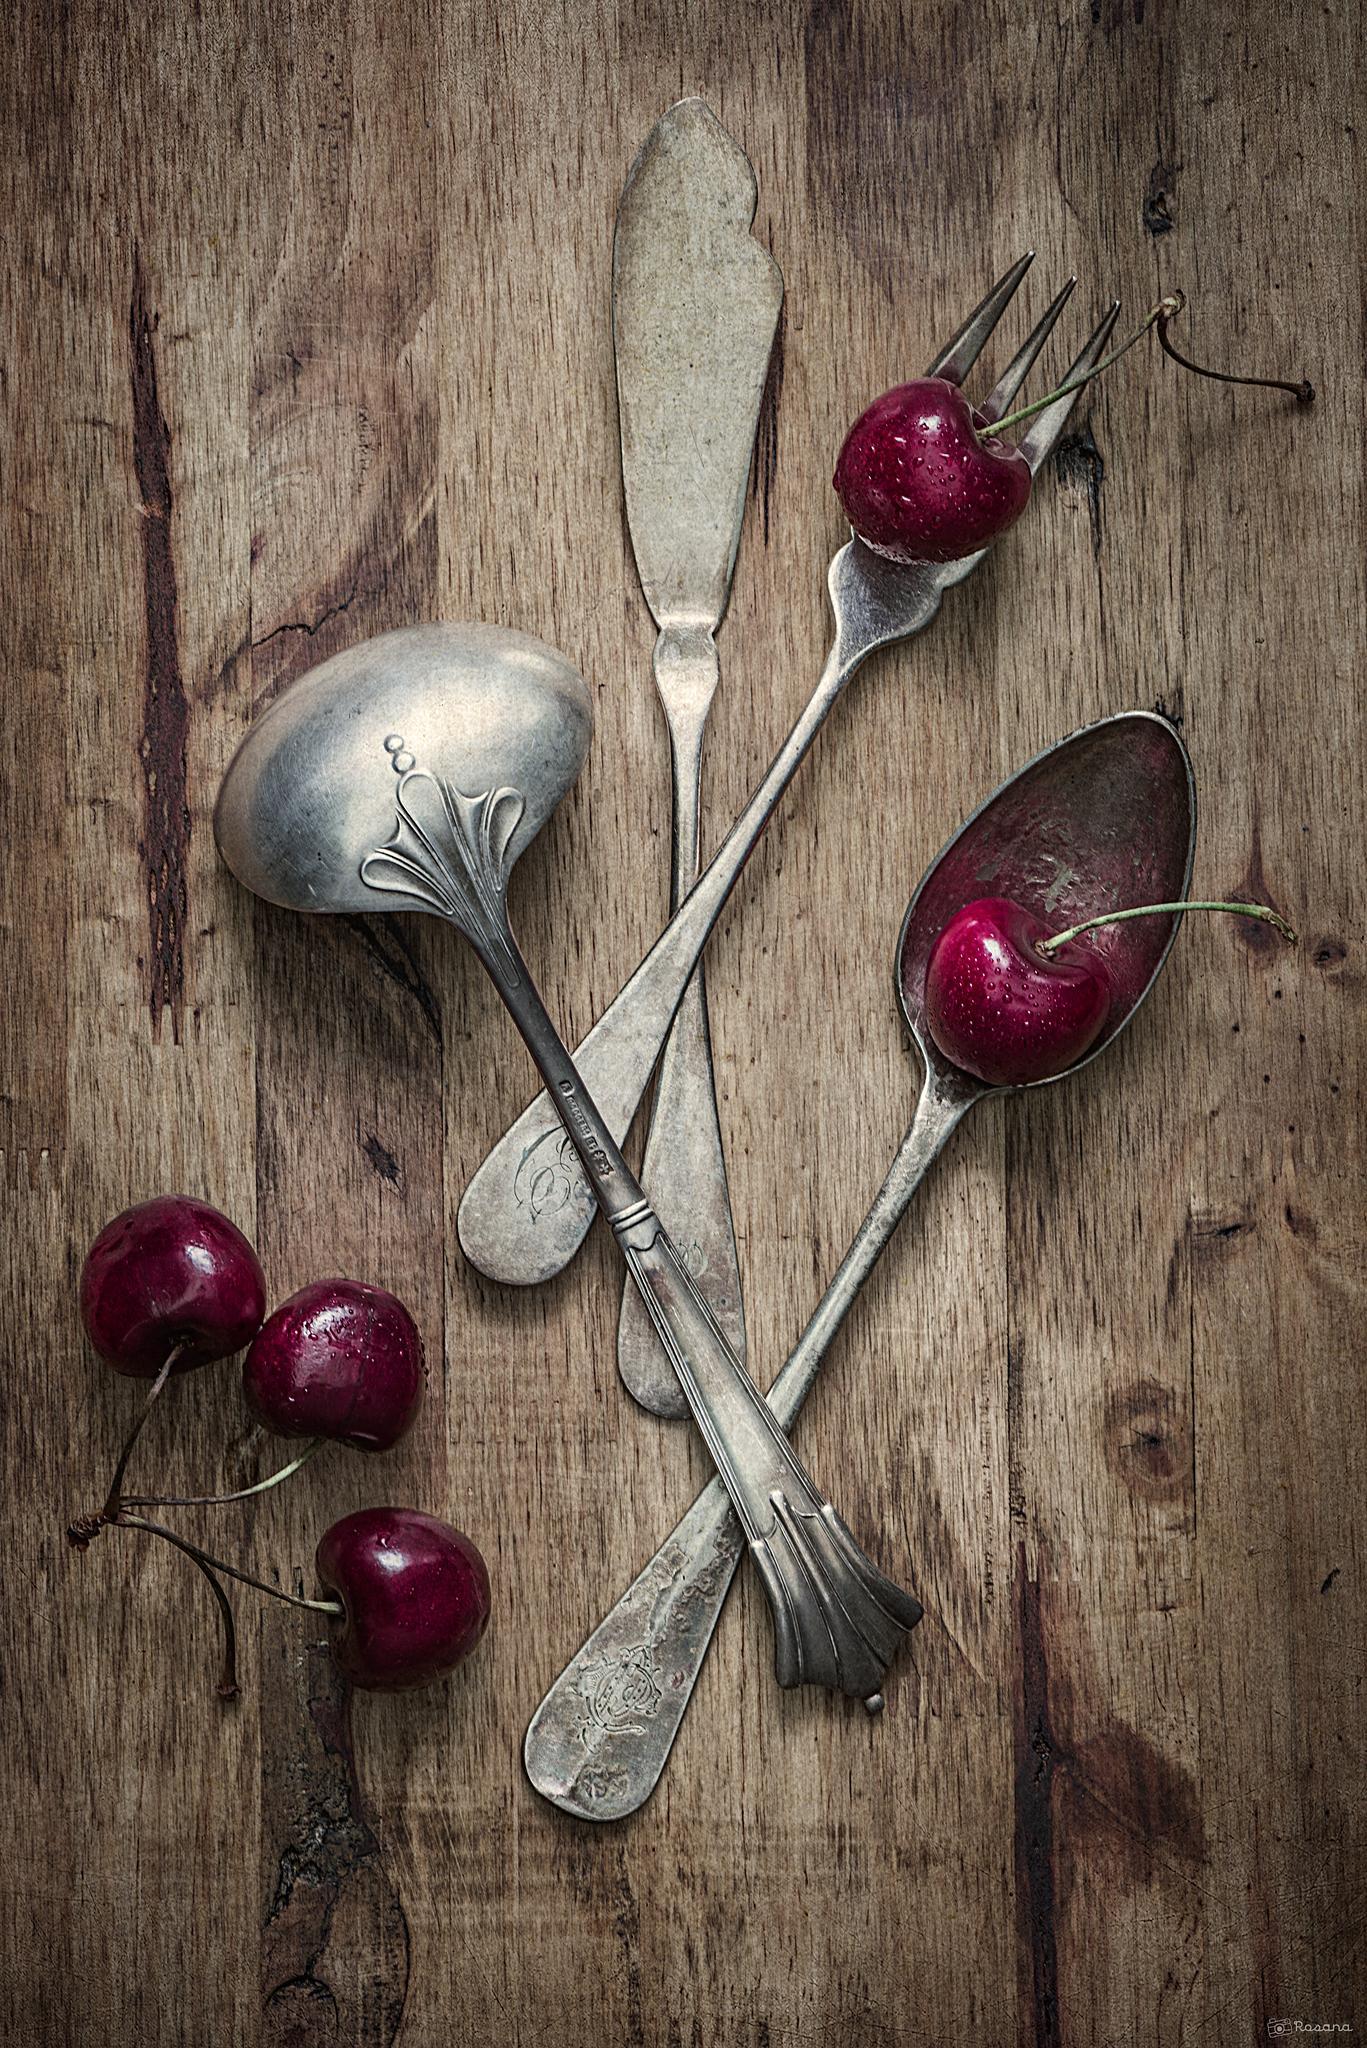 Cherries by Rosana